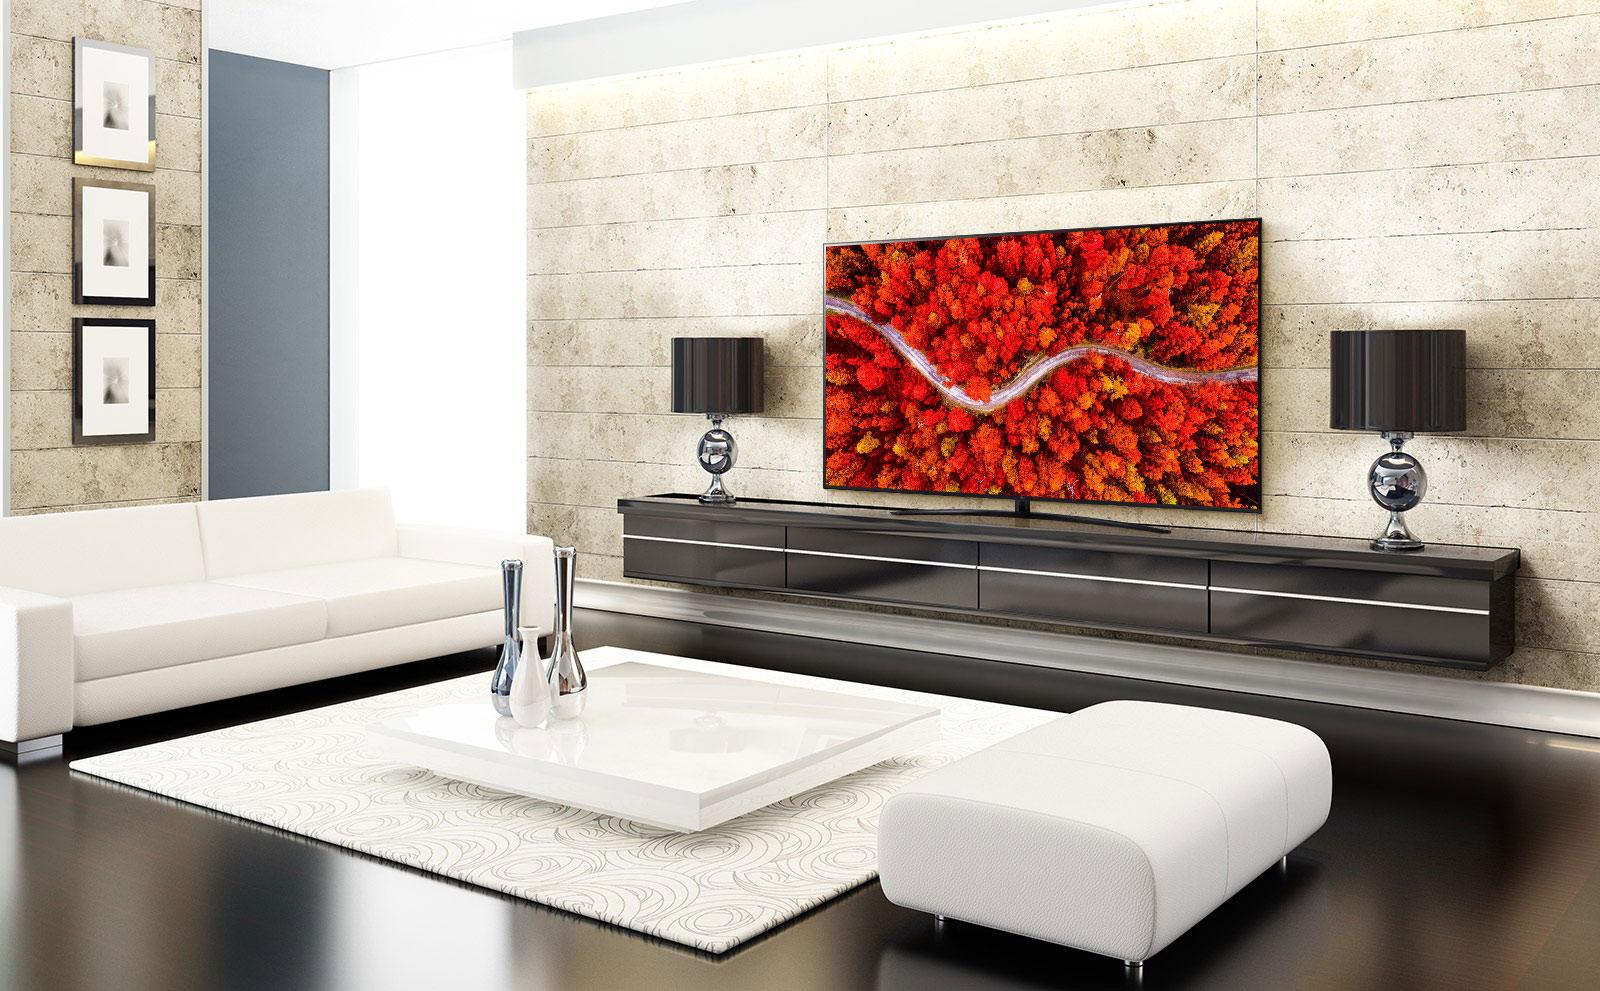 Living luxos cu TV cu vedere aeriana la padurea rosie.